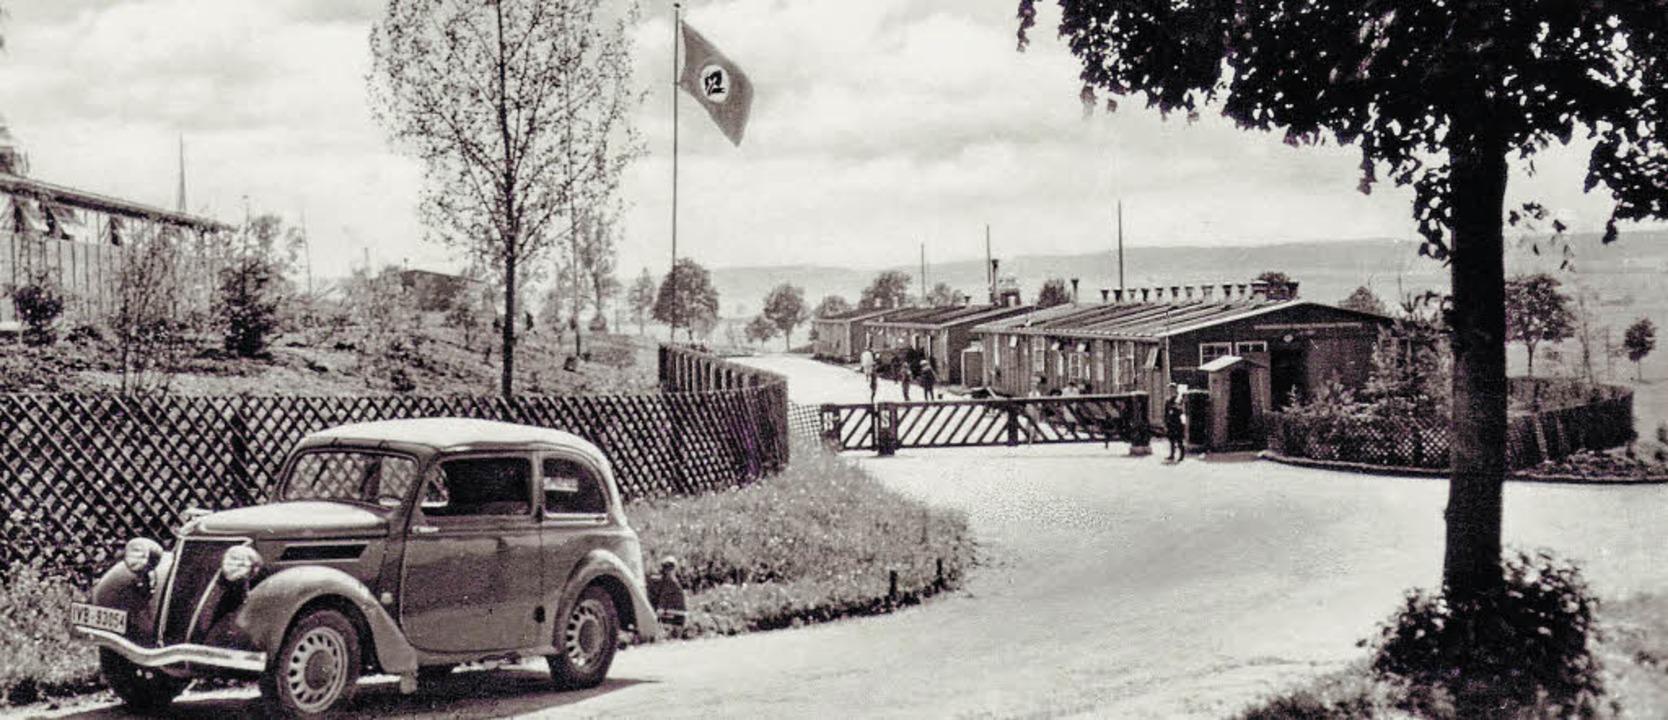 Unter der Naziflagge: Eingangsbereich ...Dritten Reich. <BZ-Versal></BZ-Versal>  | Foto: Archiv/Vollmer